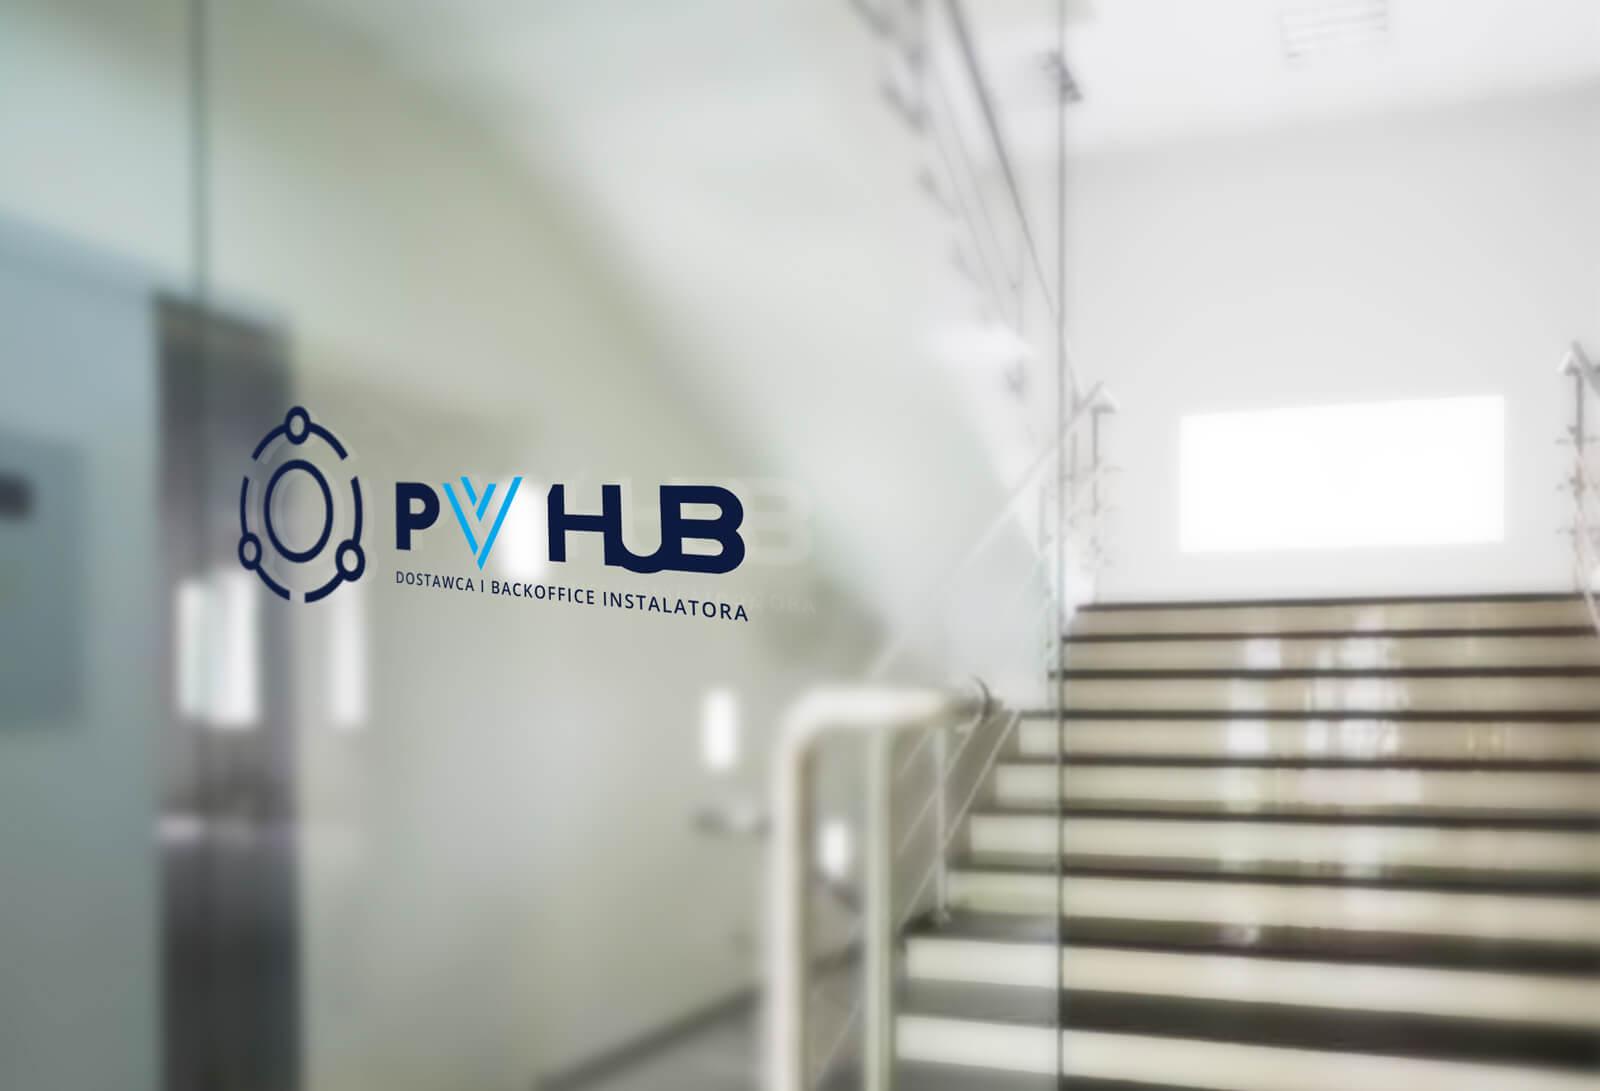 Projekt logo dla PVhub - dostawca i backoffice instalatora fotowoltaiki - wizualizacja na przeszkleniu w biurze